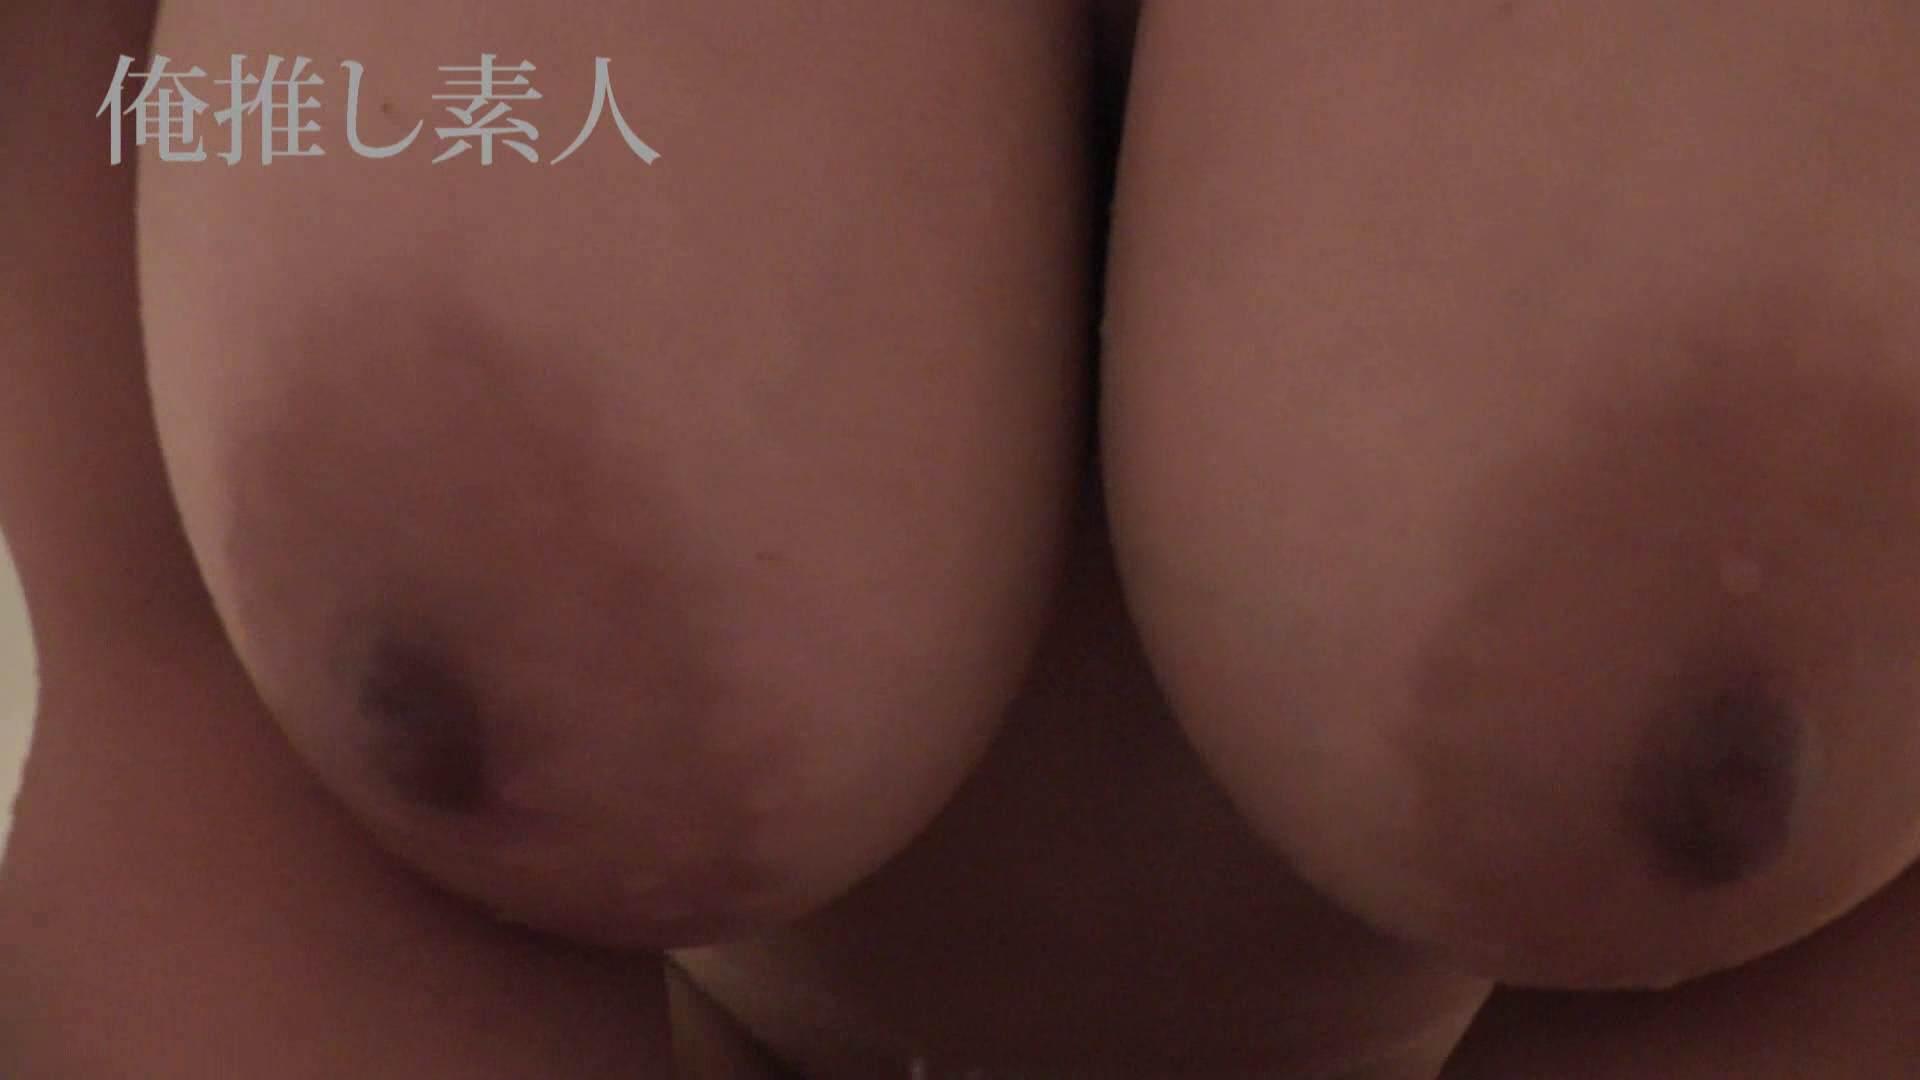 俺推し素人 30代人妻熟女キャバ嬢雫Vol.02 素人流出 盗み撮り動画キャプチャ 71PIX 20